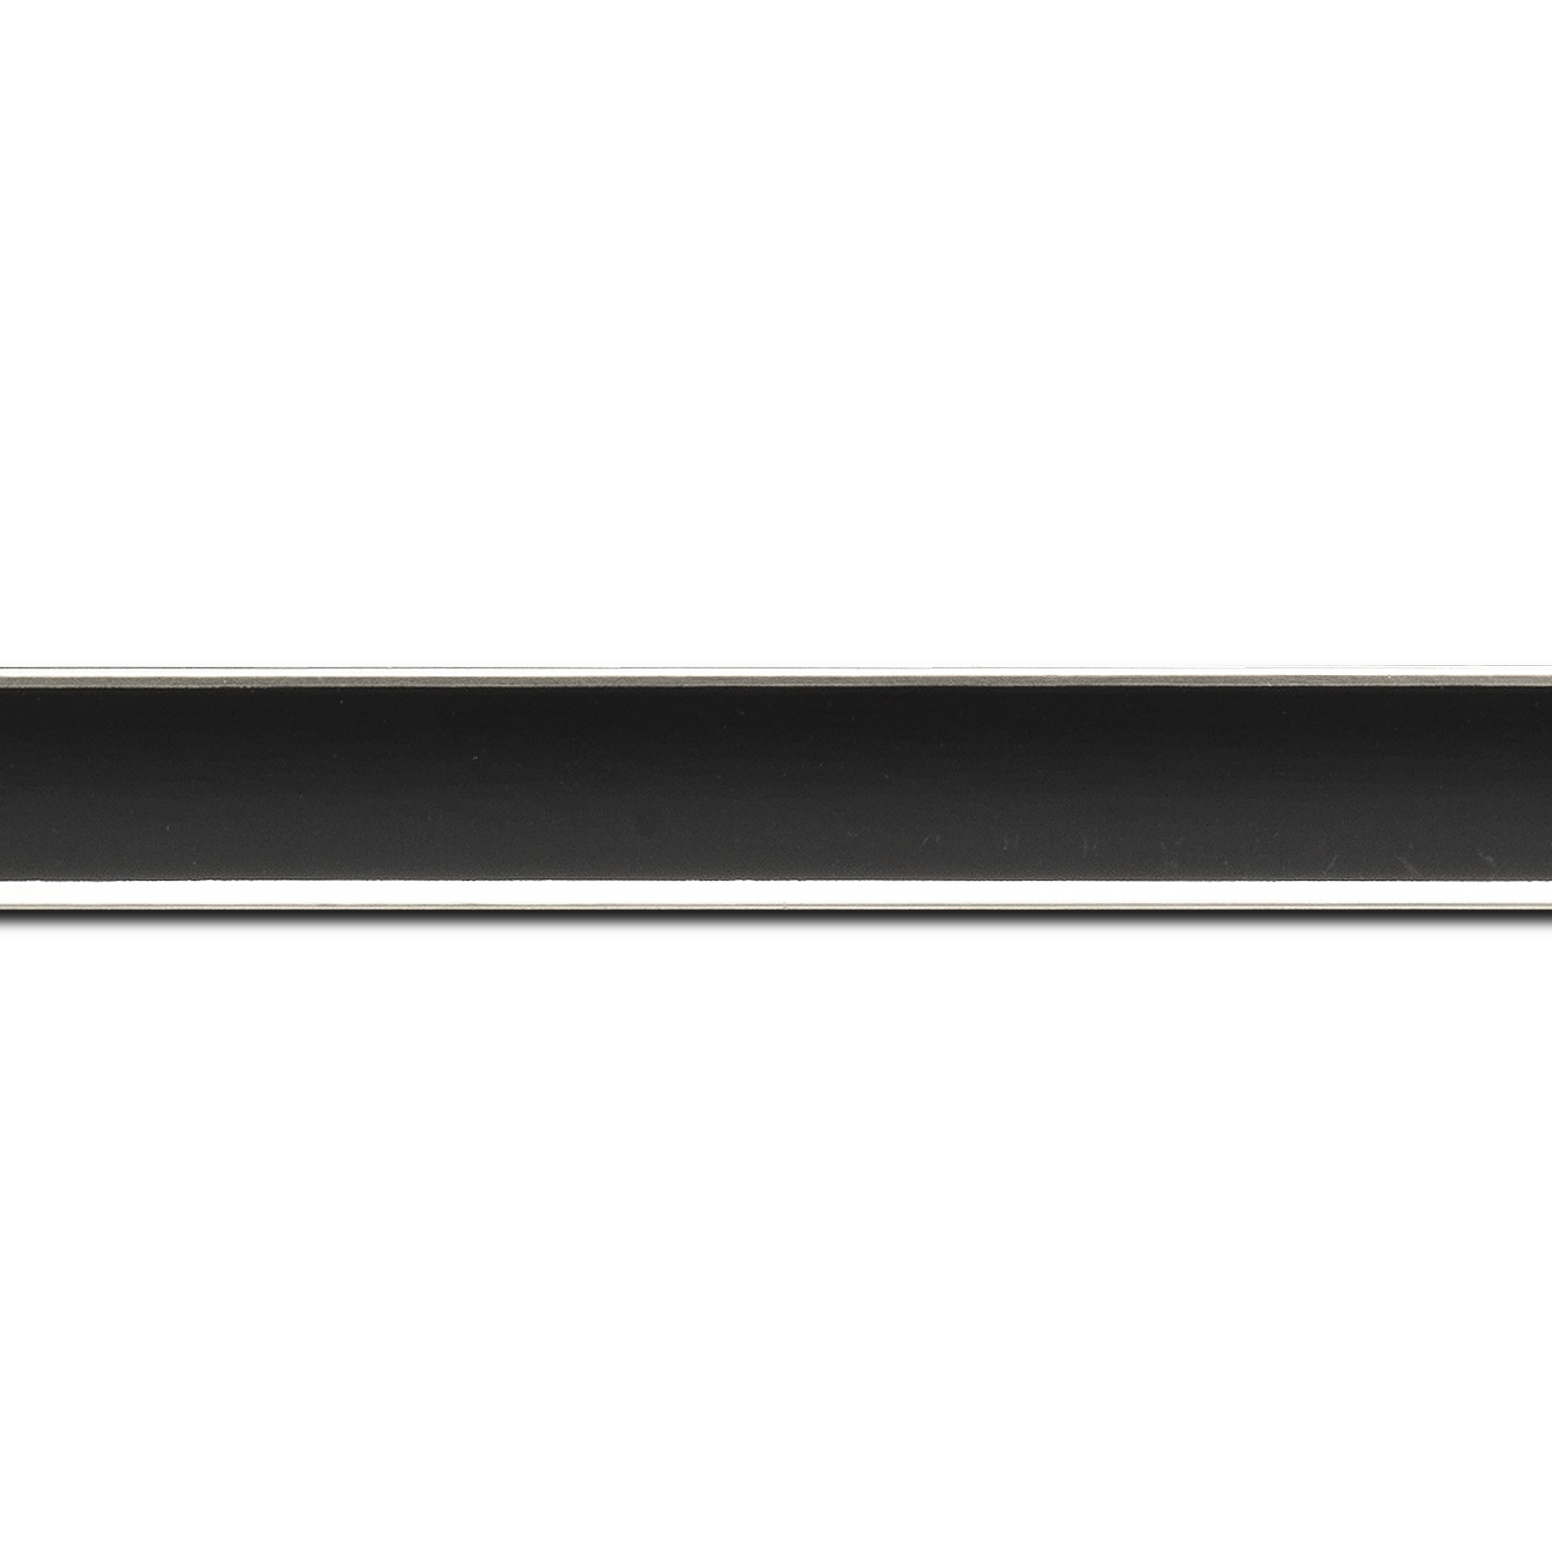 Baguette longueur 1.40m bois profil concave largeur 2.4cm couleur noir  satiné  filet argent de chaque coté